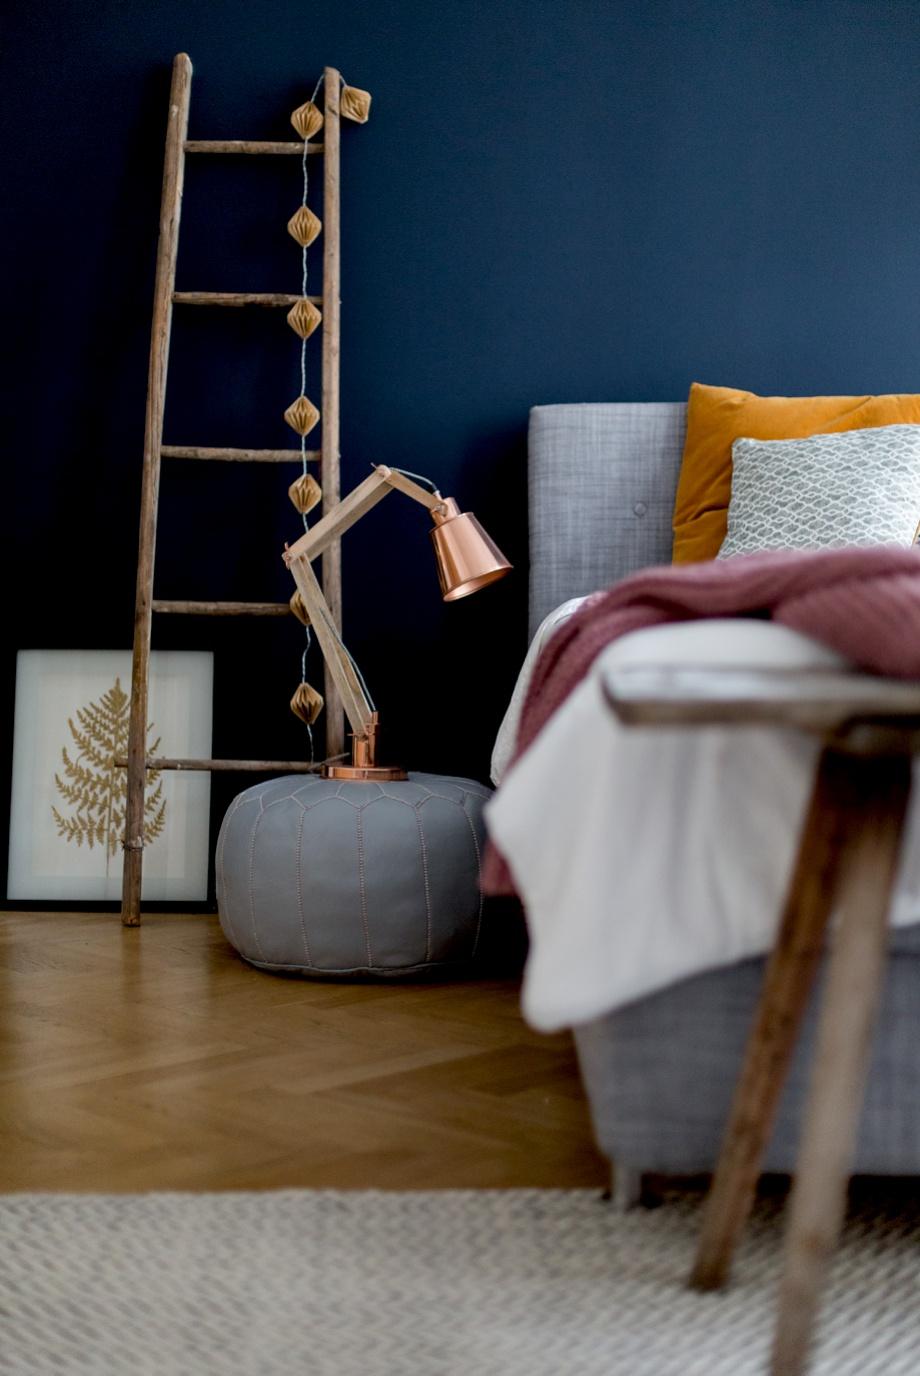 Schlafzimmer einrichtungstipps dekoideen depot blog - Dekotipps schlafzimmer ...